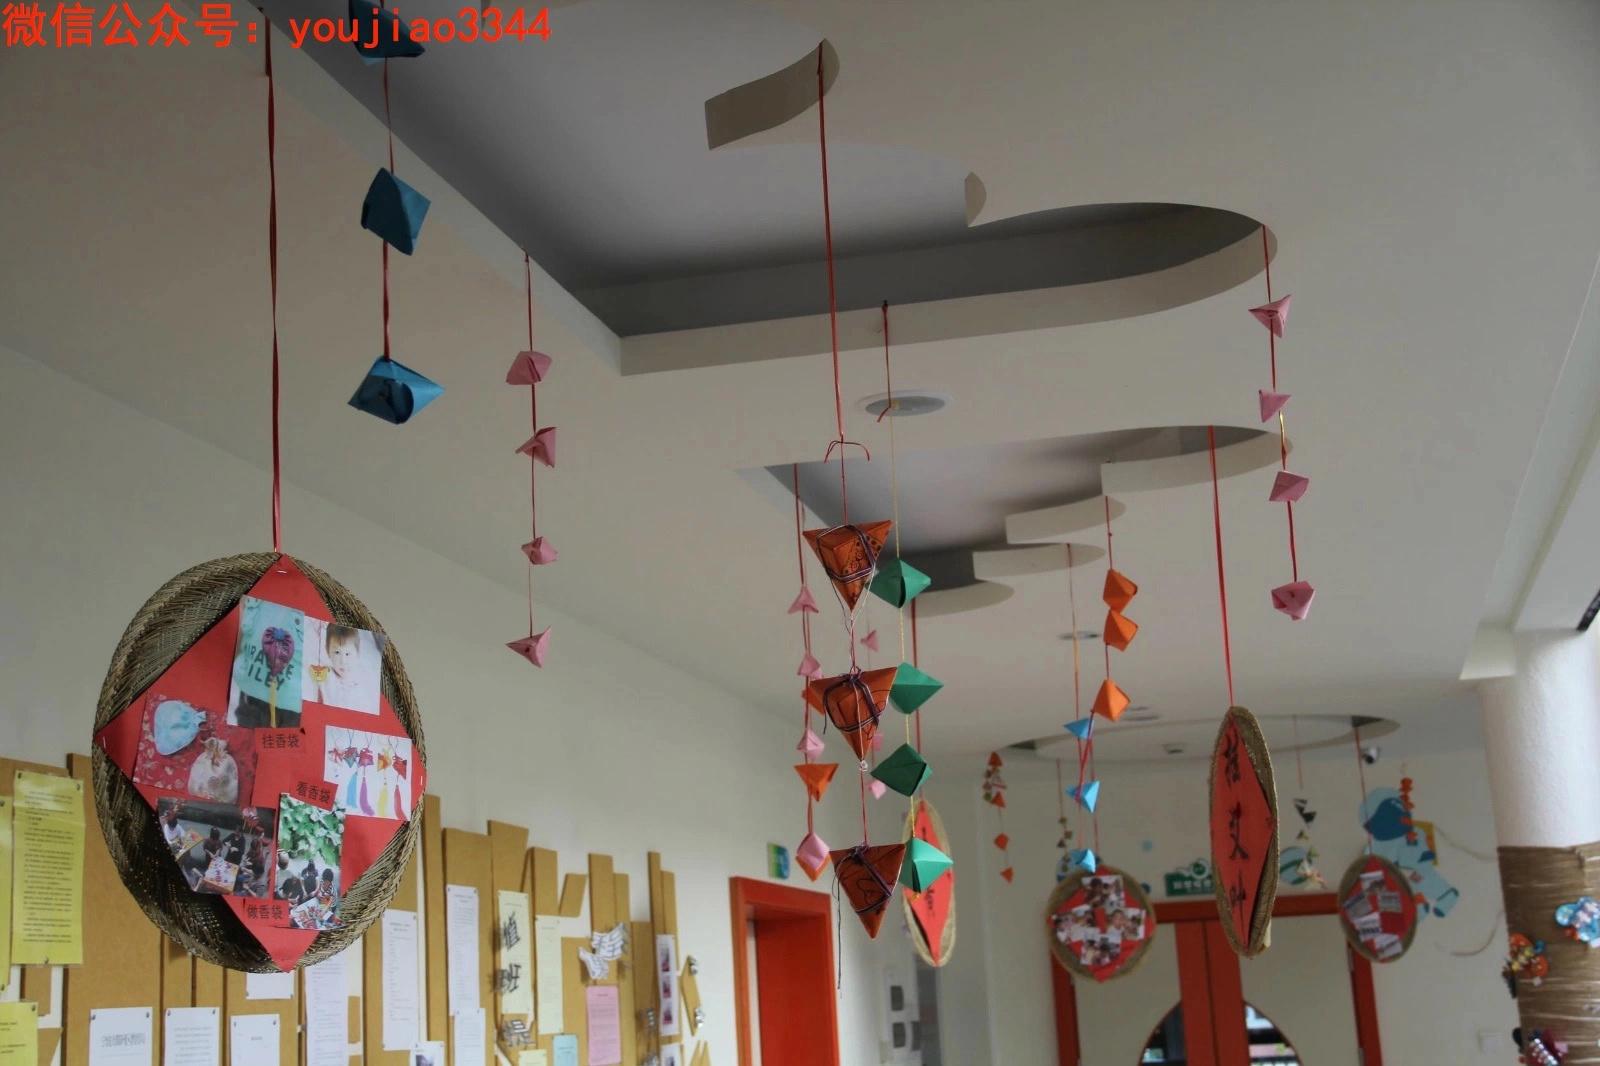 端午节幼儿园环境布置